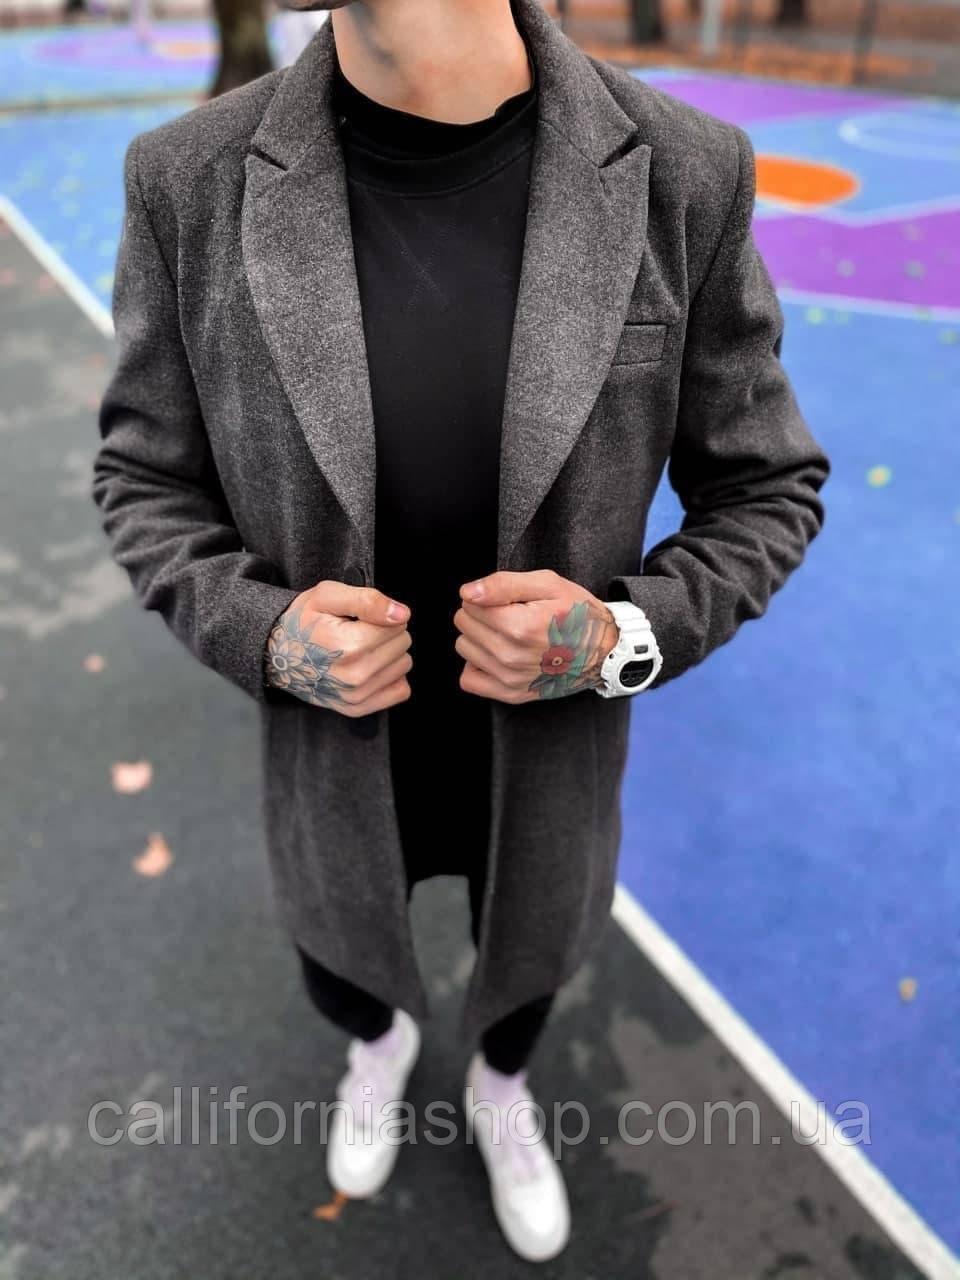 Мужское пальто темно - серое двубортное классическое длинное демисезонное